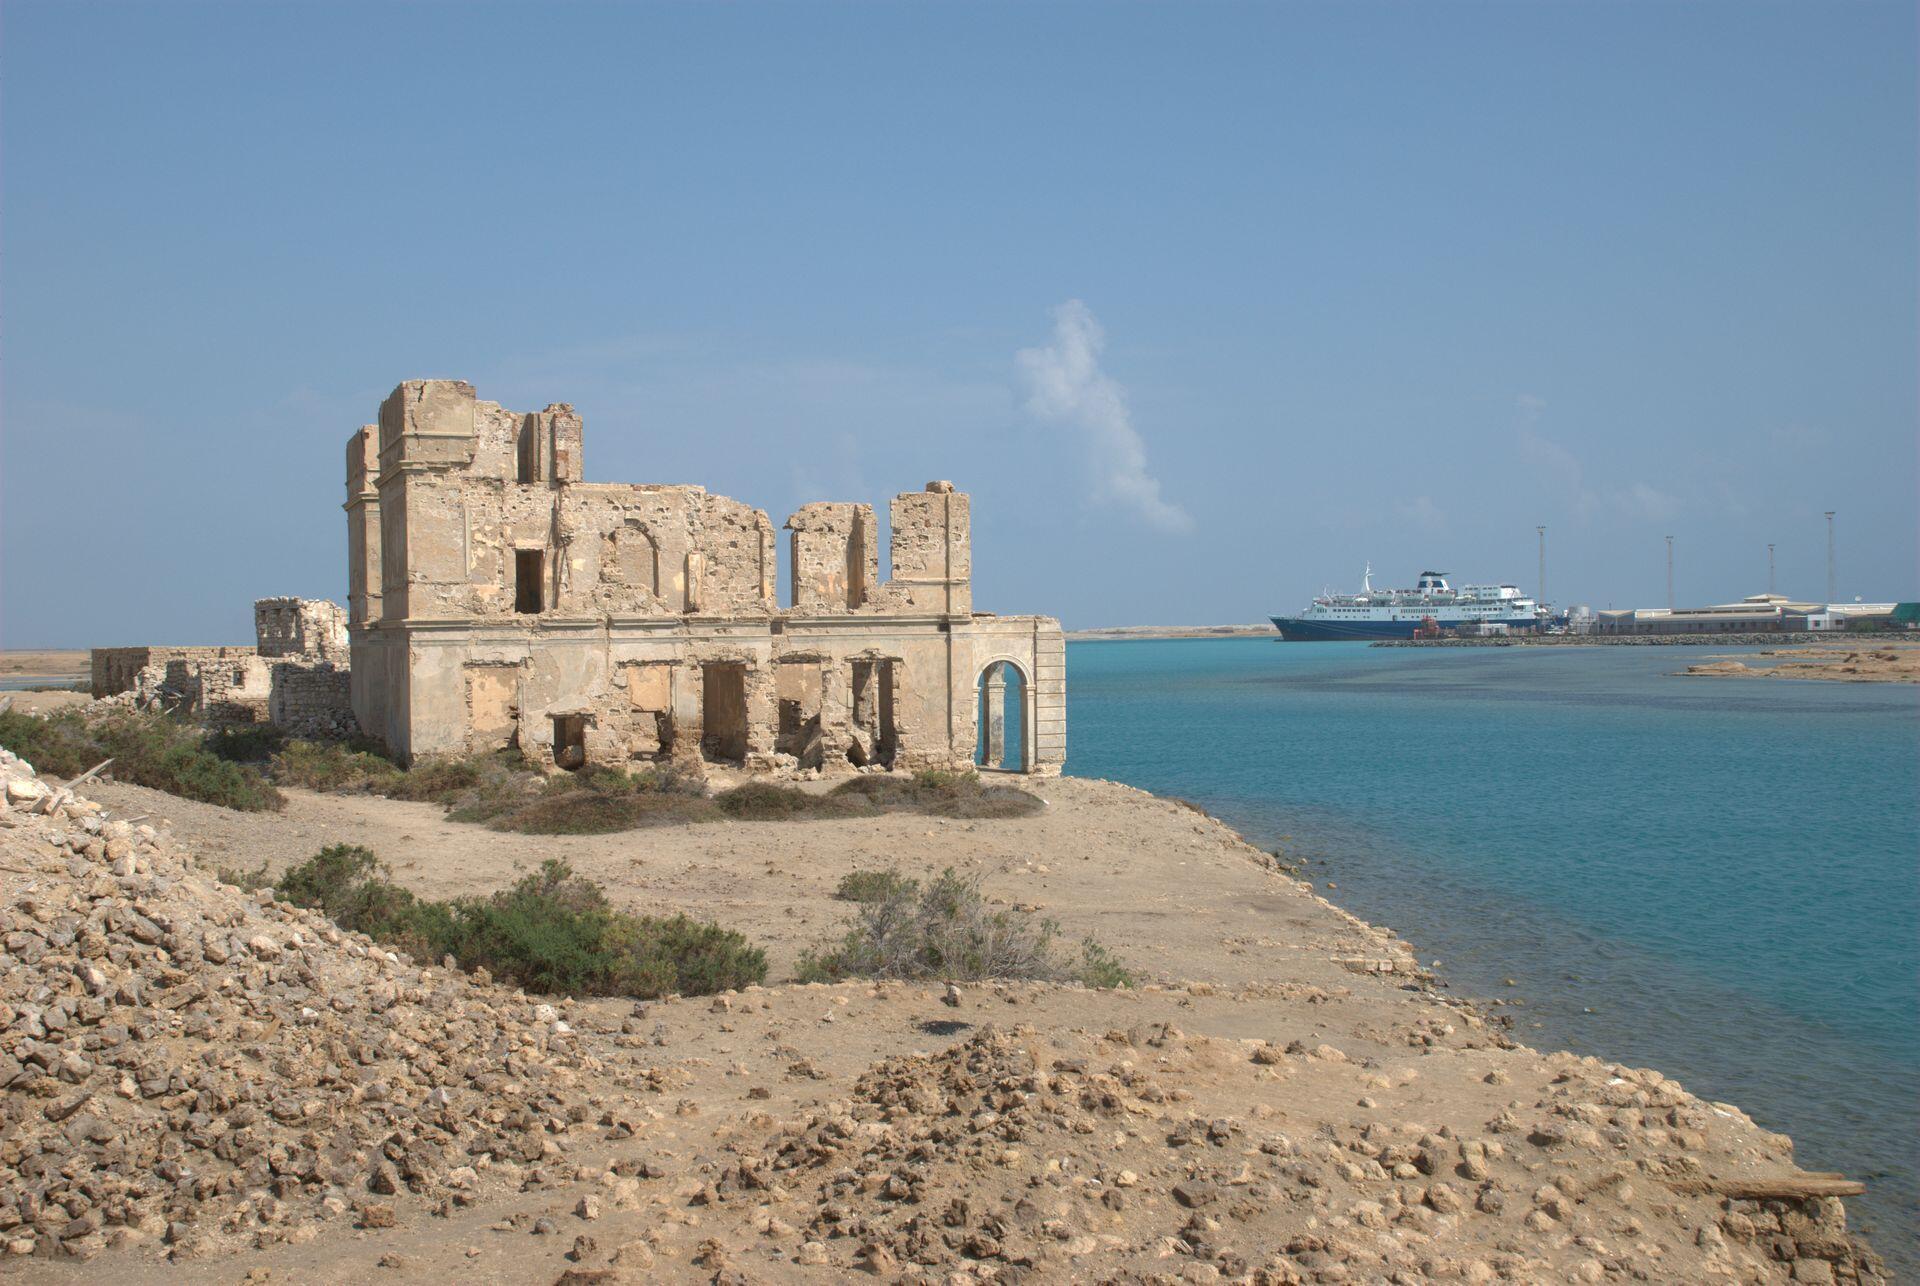 Dans le cadre d'un accord, le Soudan concède à la Turquie l'île de Suakin, située au nord-est du pays, pour 99 ans.